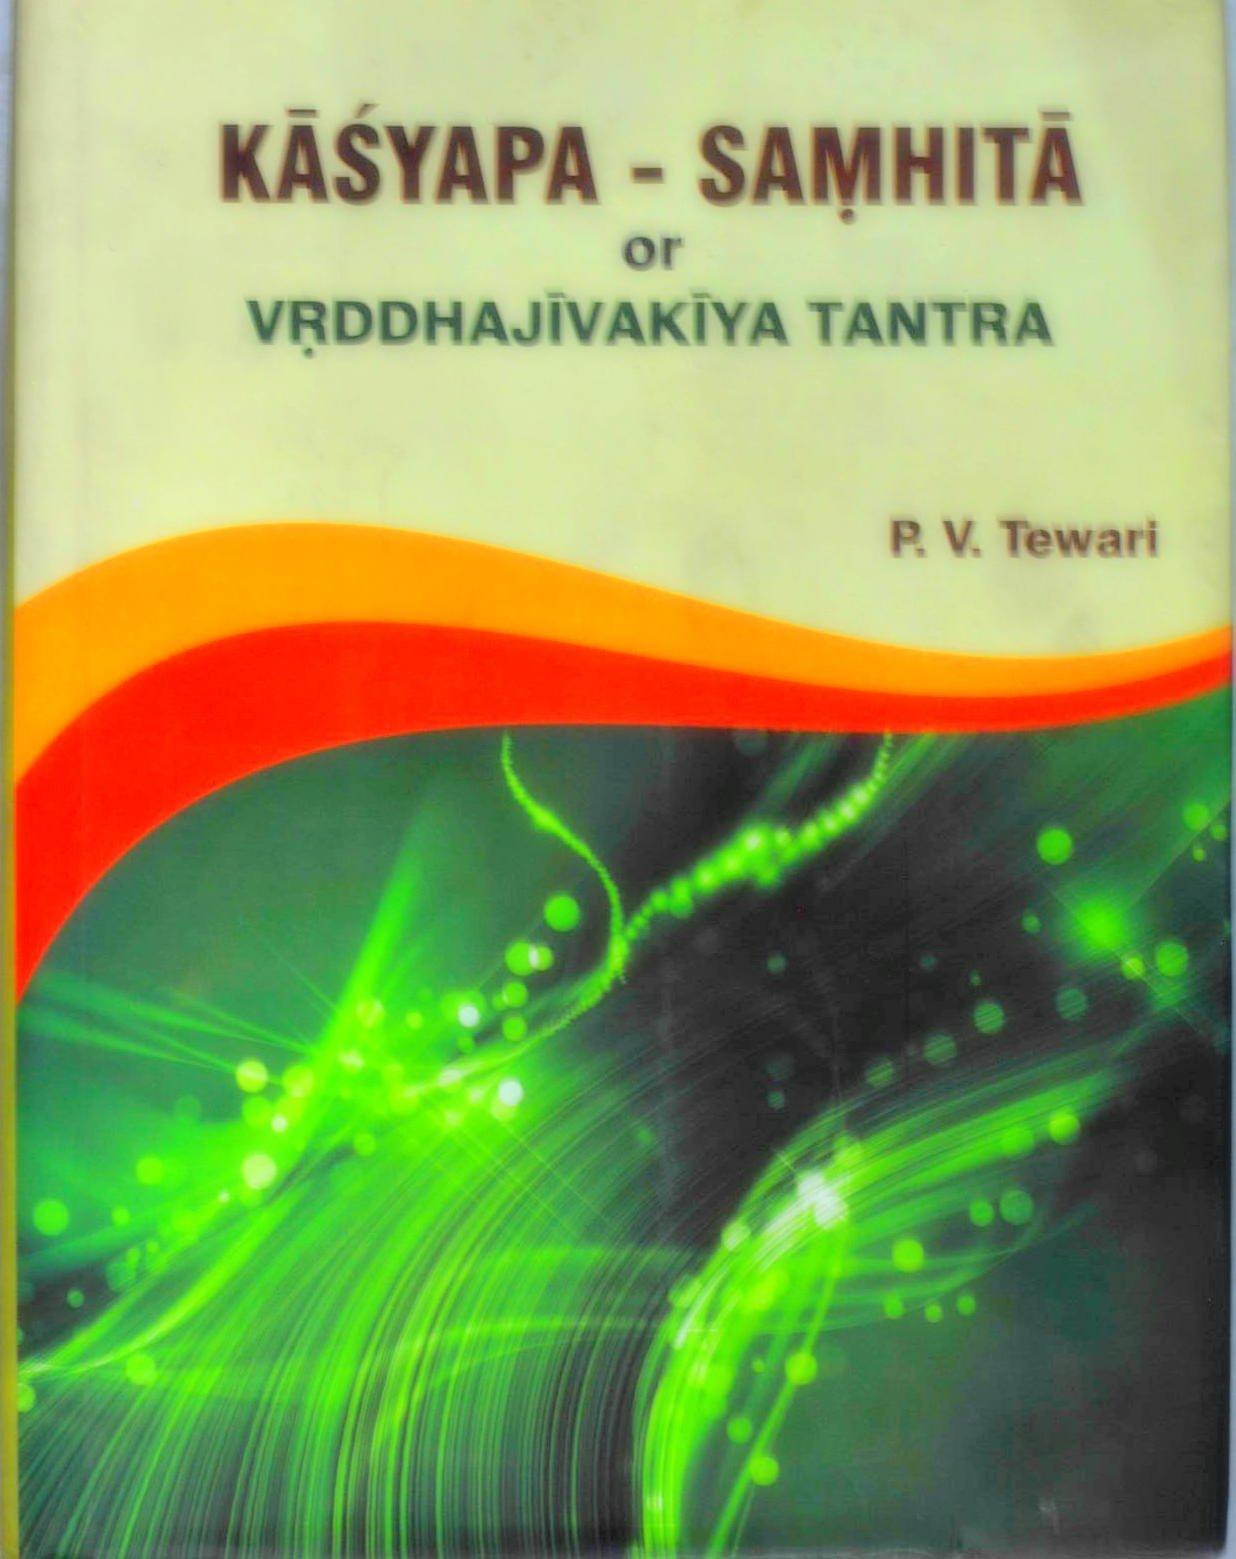 KASYAPA SAMHITA EBOOK